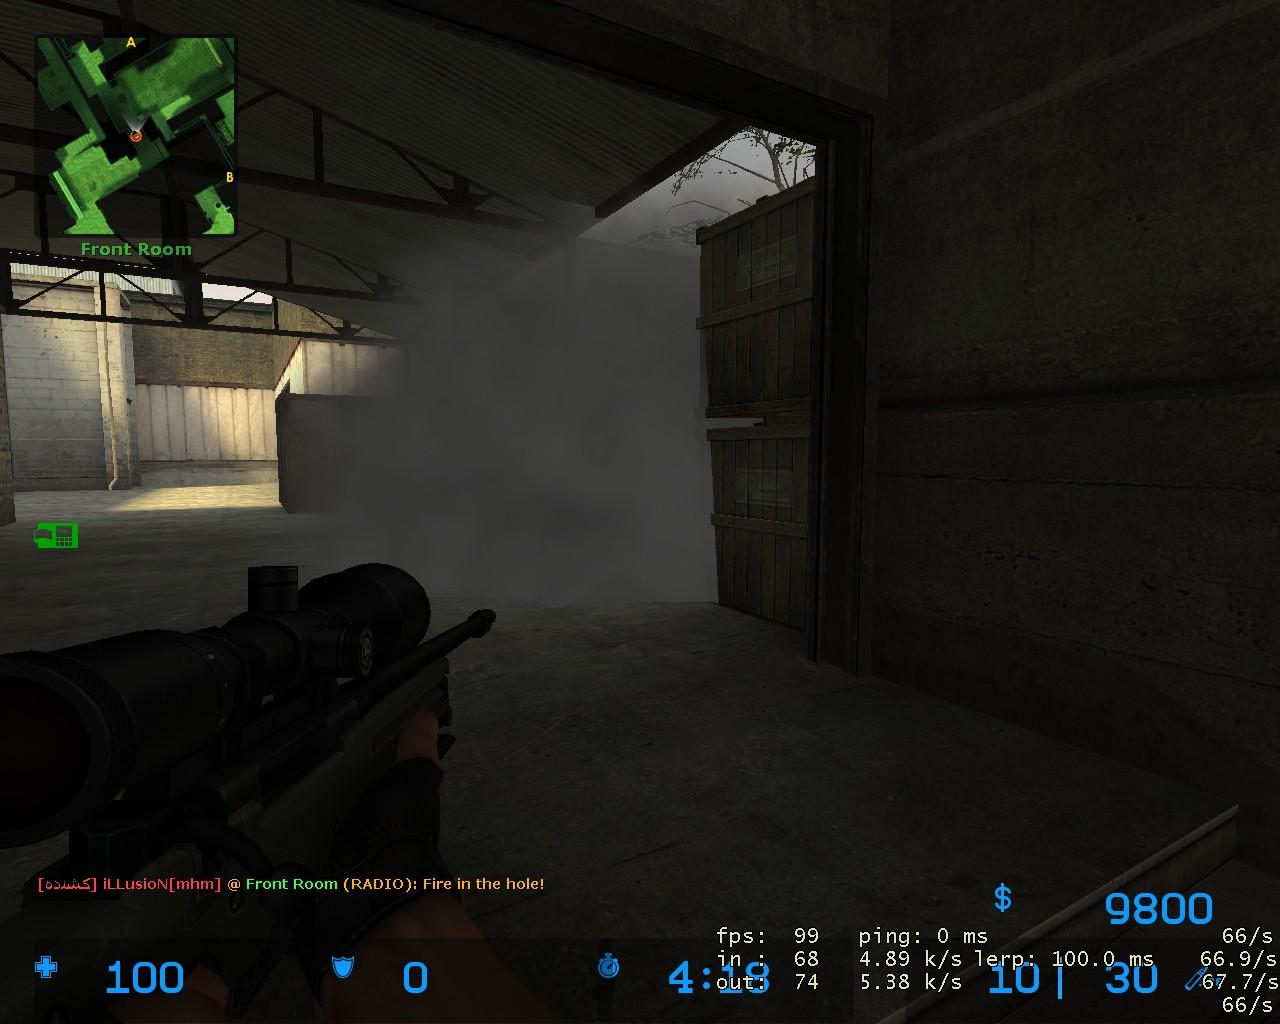 Ian's friend prime-de_season-mid-smoke-effect-1-jpg